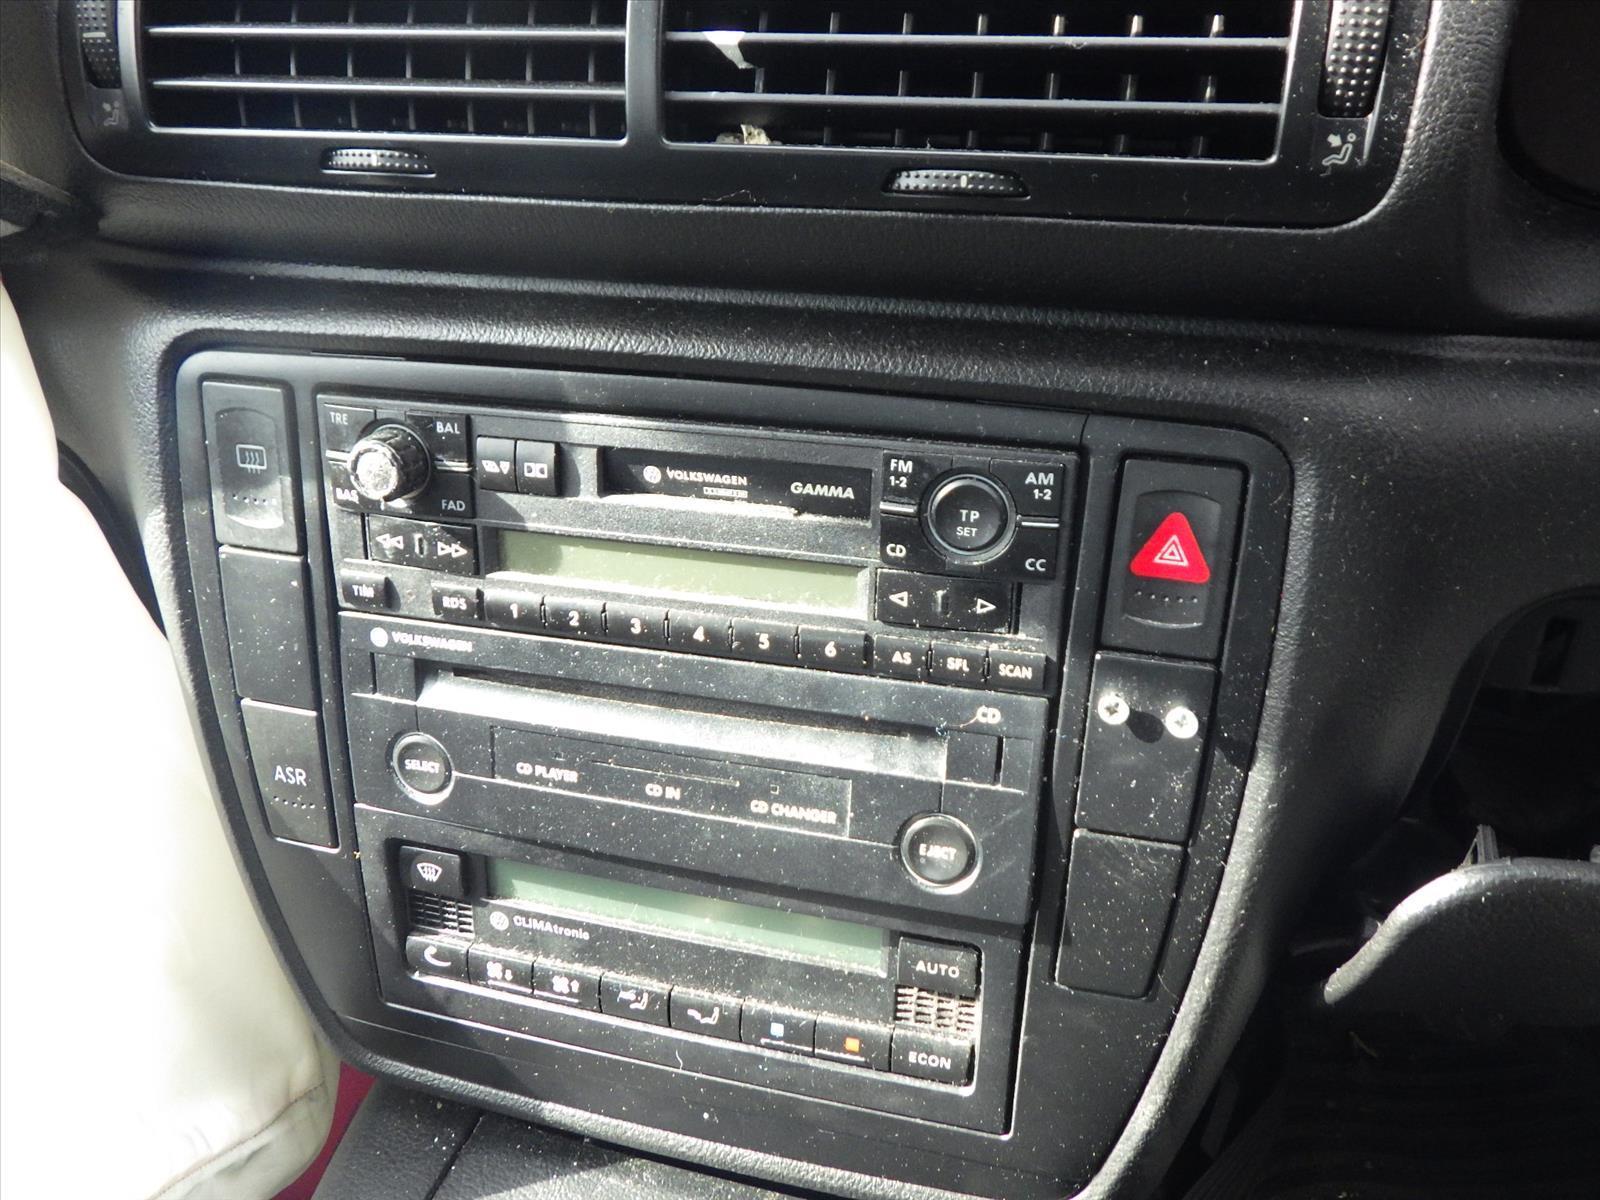 2001 Volkswagen Passat 2001 To 2005 4 Door Saloon (Diesel